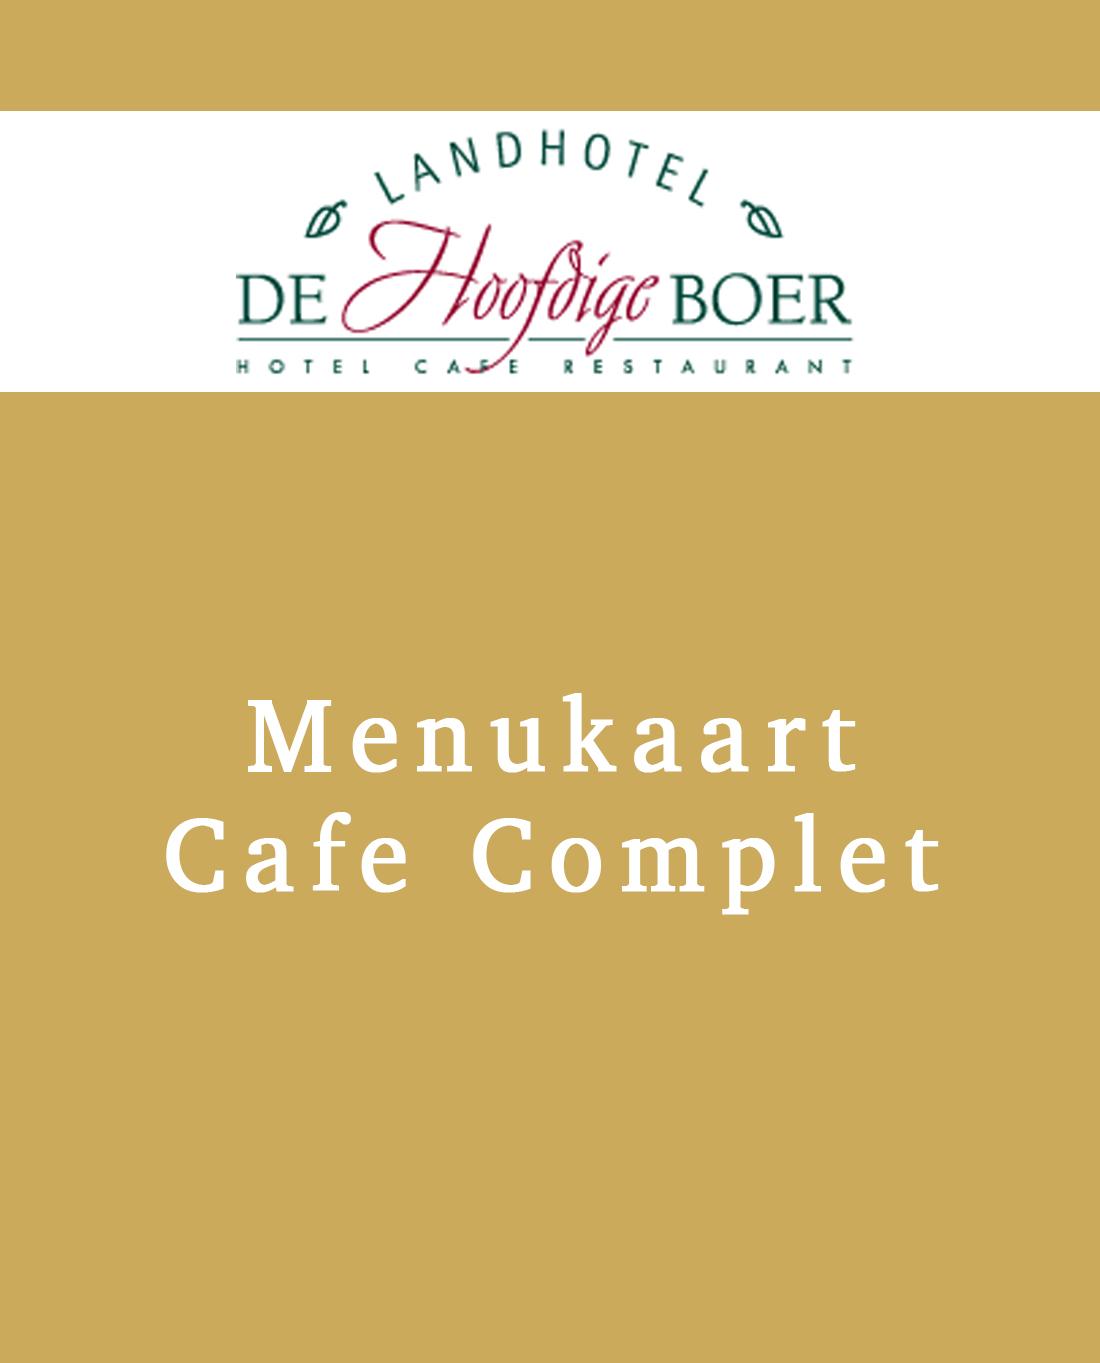 Cafe Complet menu